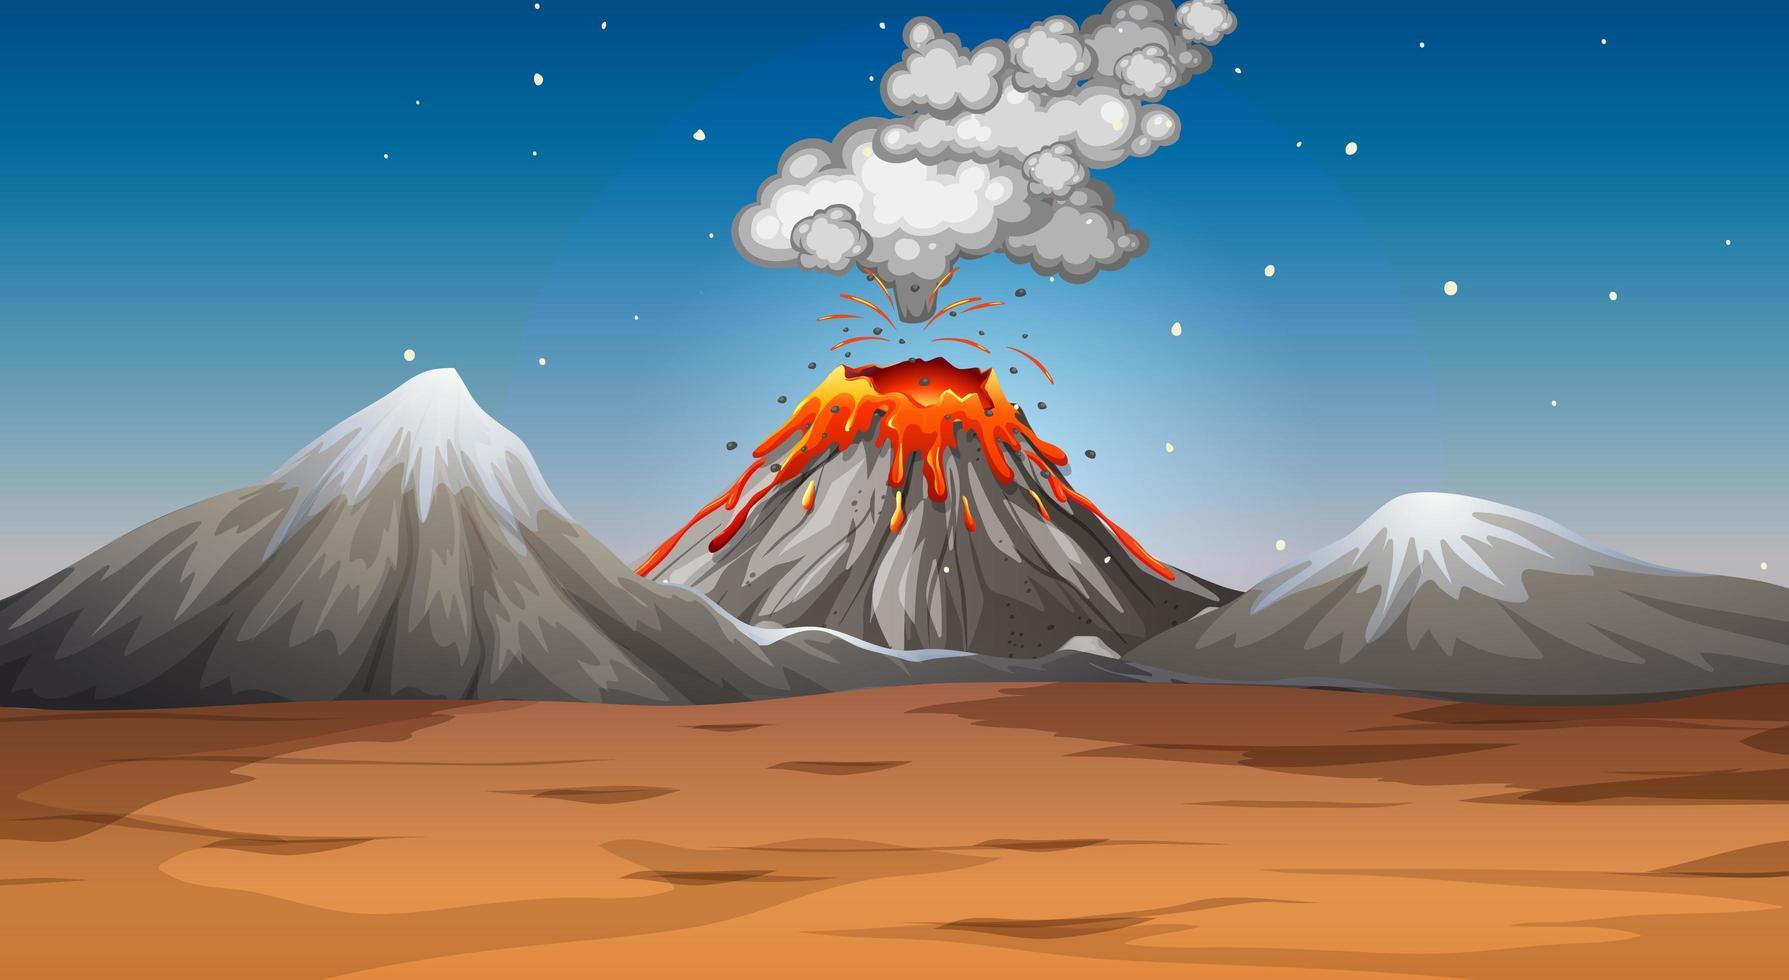 vulkaanuitbarsting in woestijnscène 's nachts vector